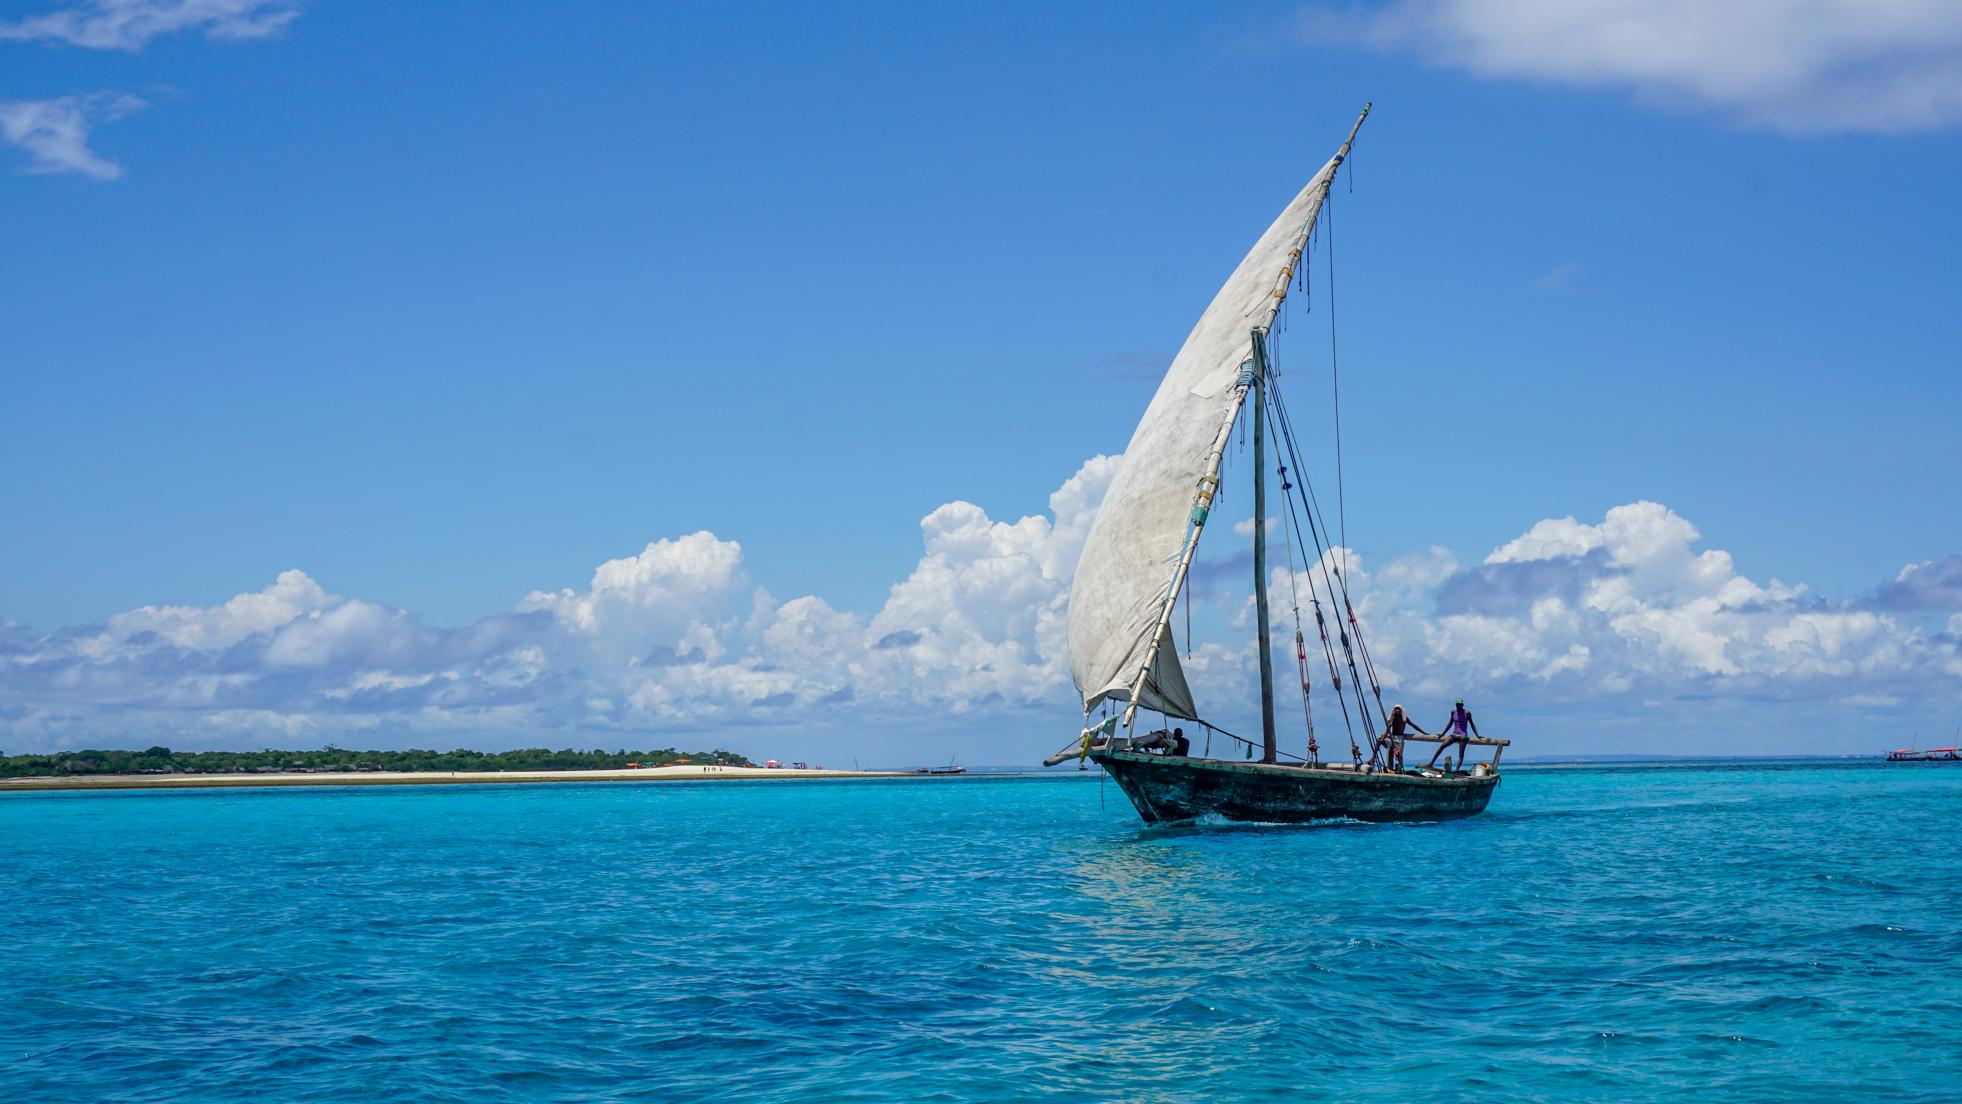 Atrakcje Zanzibaru, czyli co robić poza leżeniem na plaży